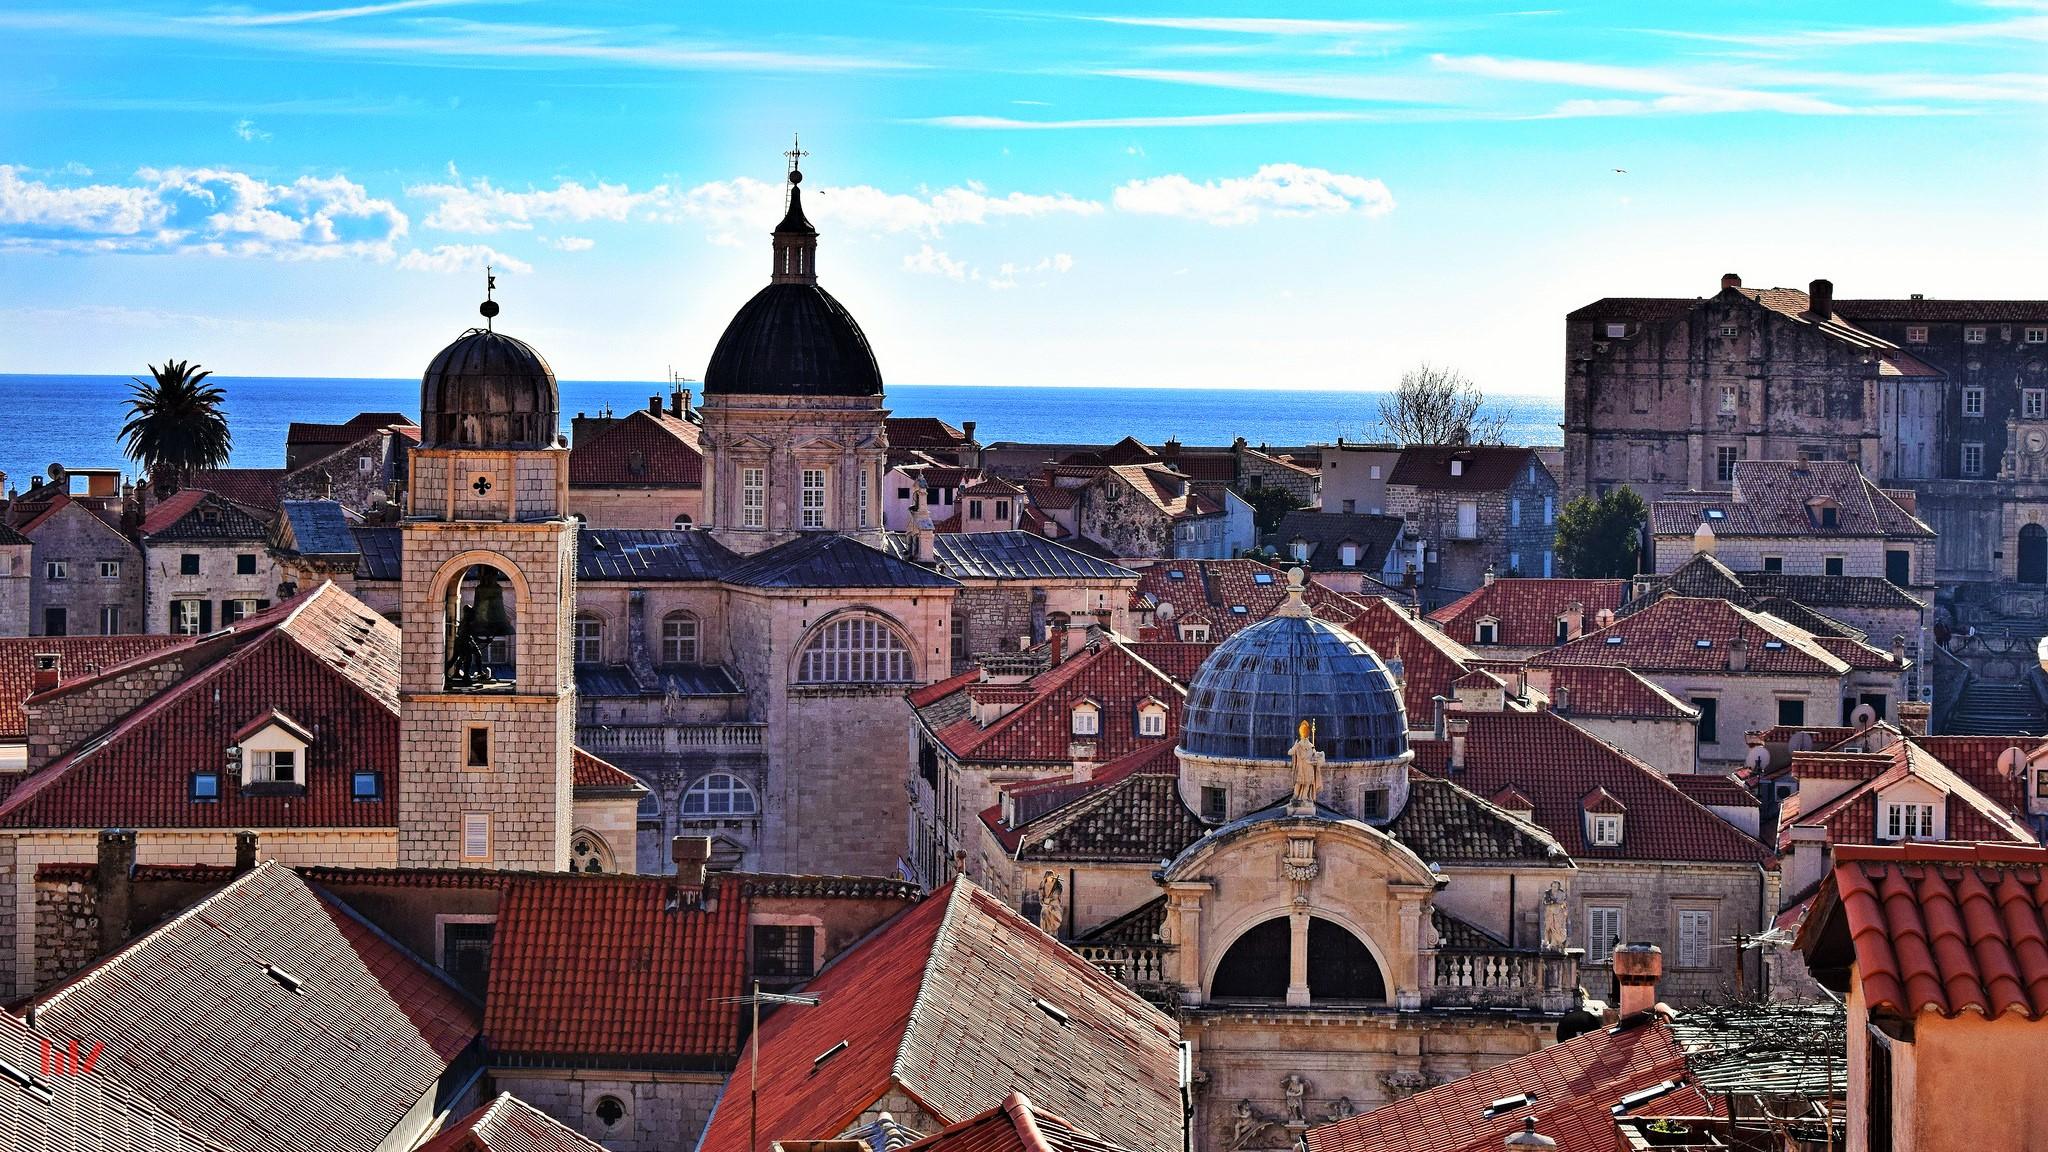 Dubrovnik Отдых в Хорватии туры хорватию хорватия Отдых в Хорватии — 9 курортных мест Адриатического побережья Dubrovnik